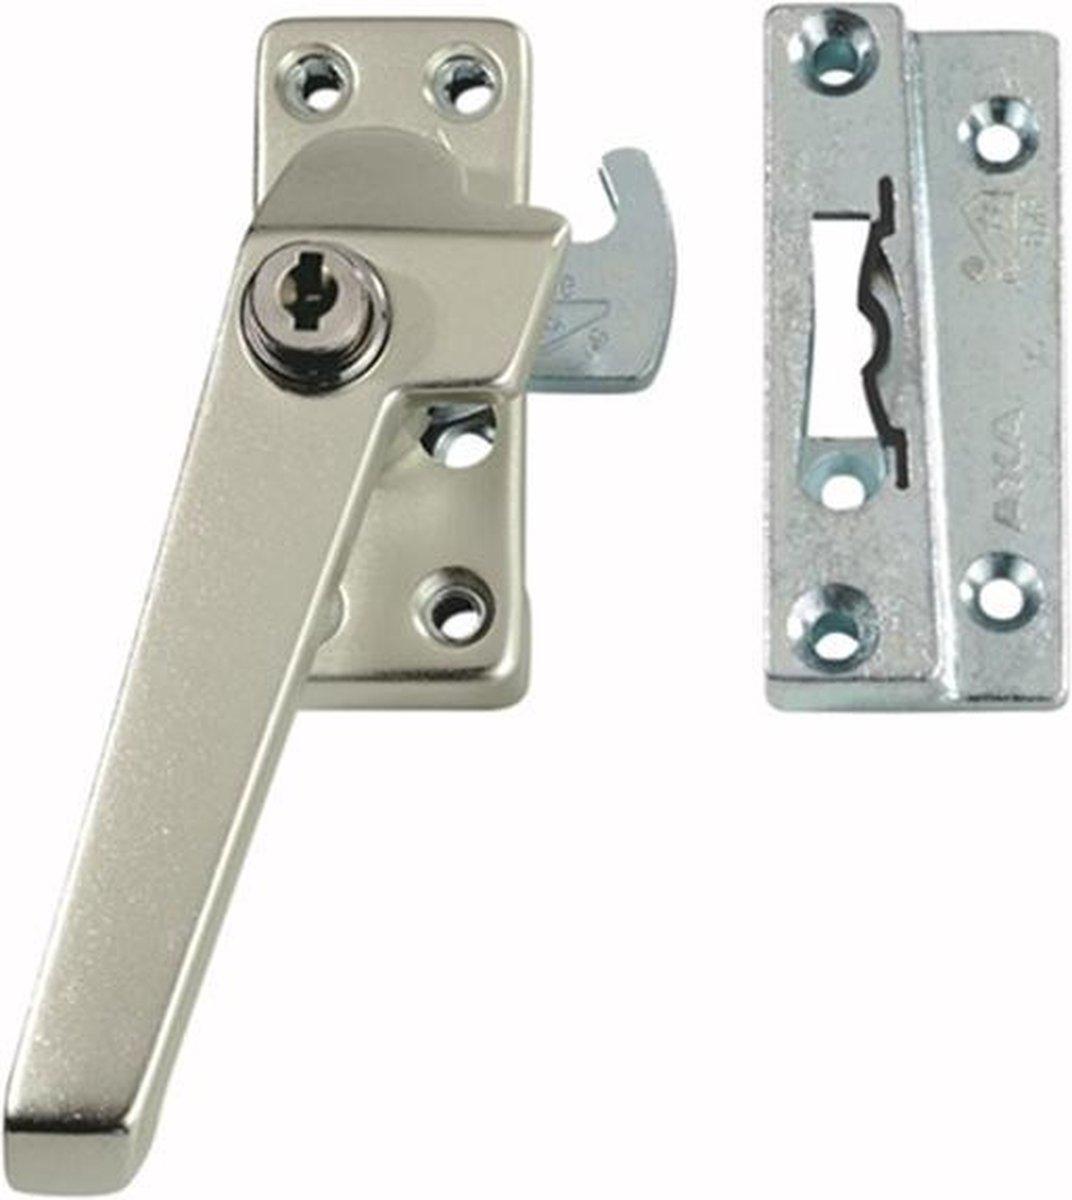 AXA 3319 Veiligheids raamsluiting - 3319-61-92/GE - draairichting 4 - Aluminium F2